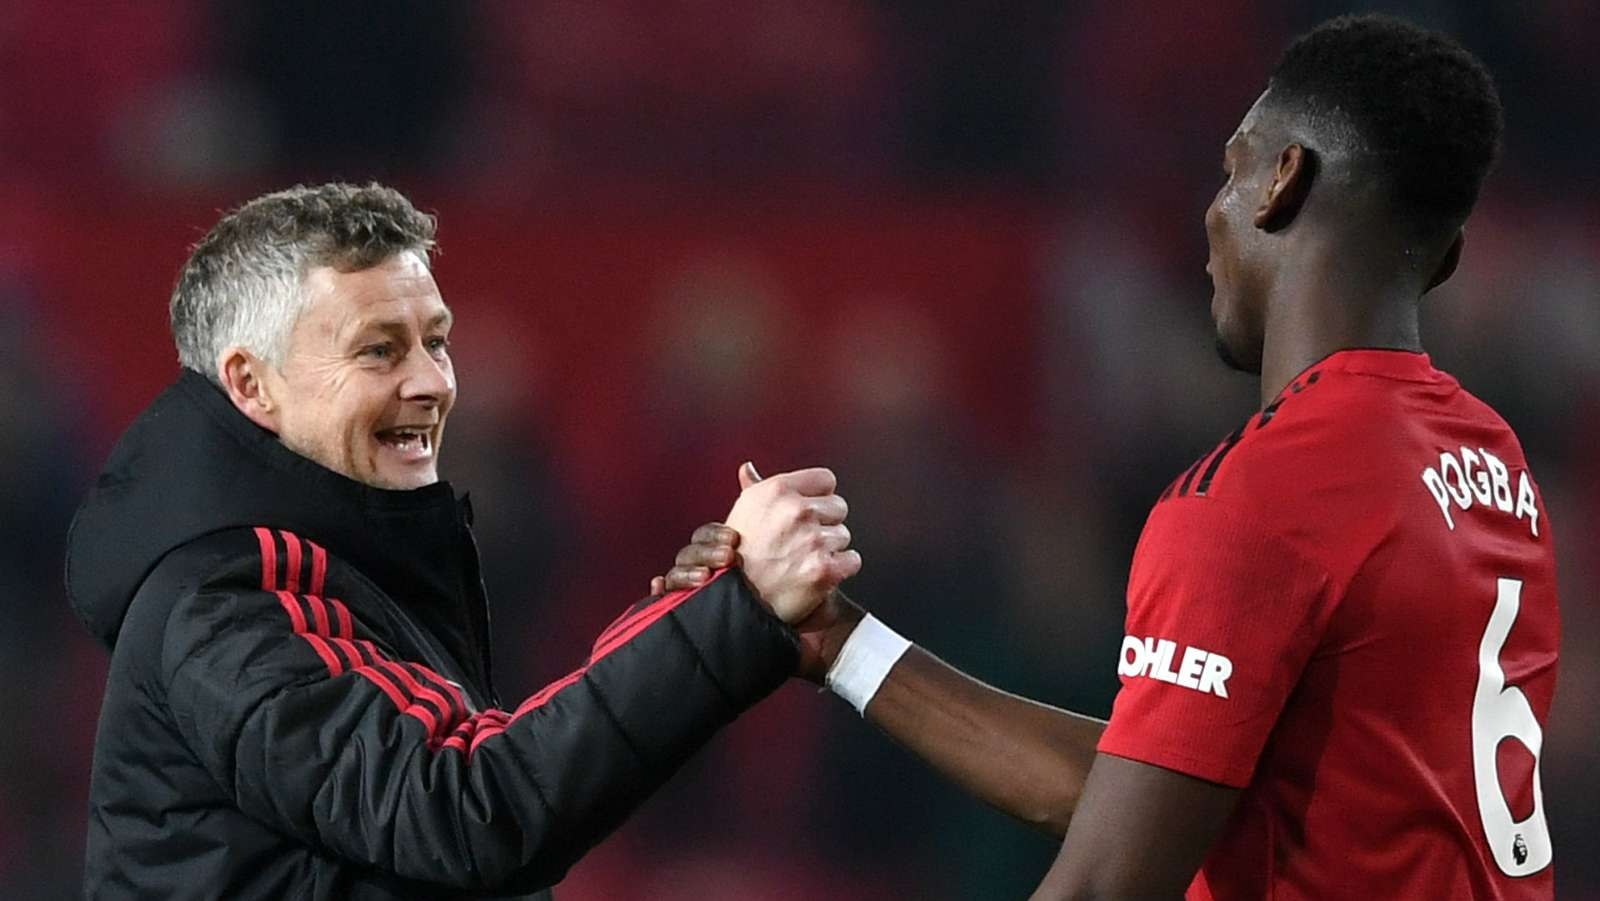 Pogba & Solskjaer put smiles on Man Utd fans' faces again